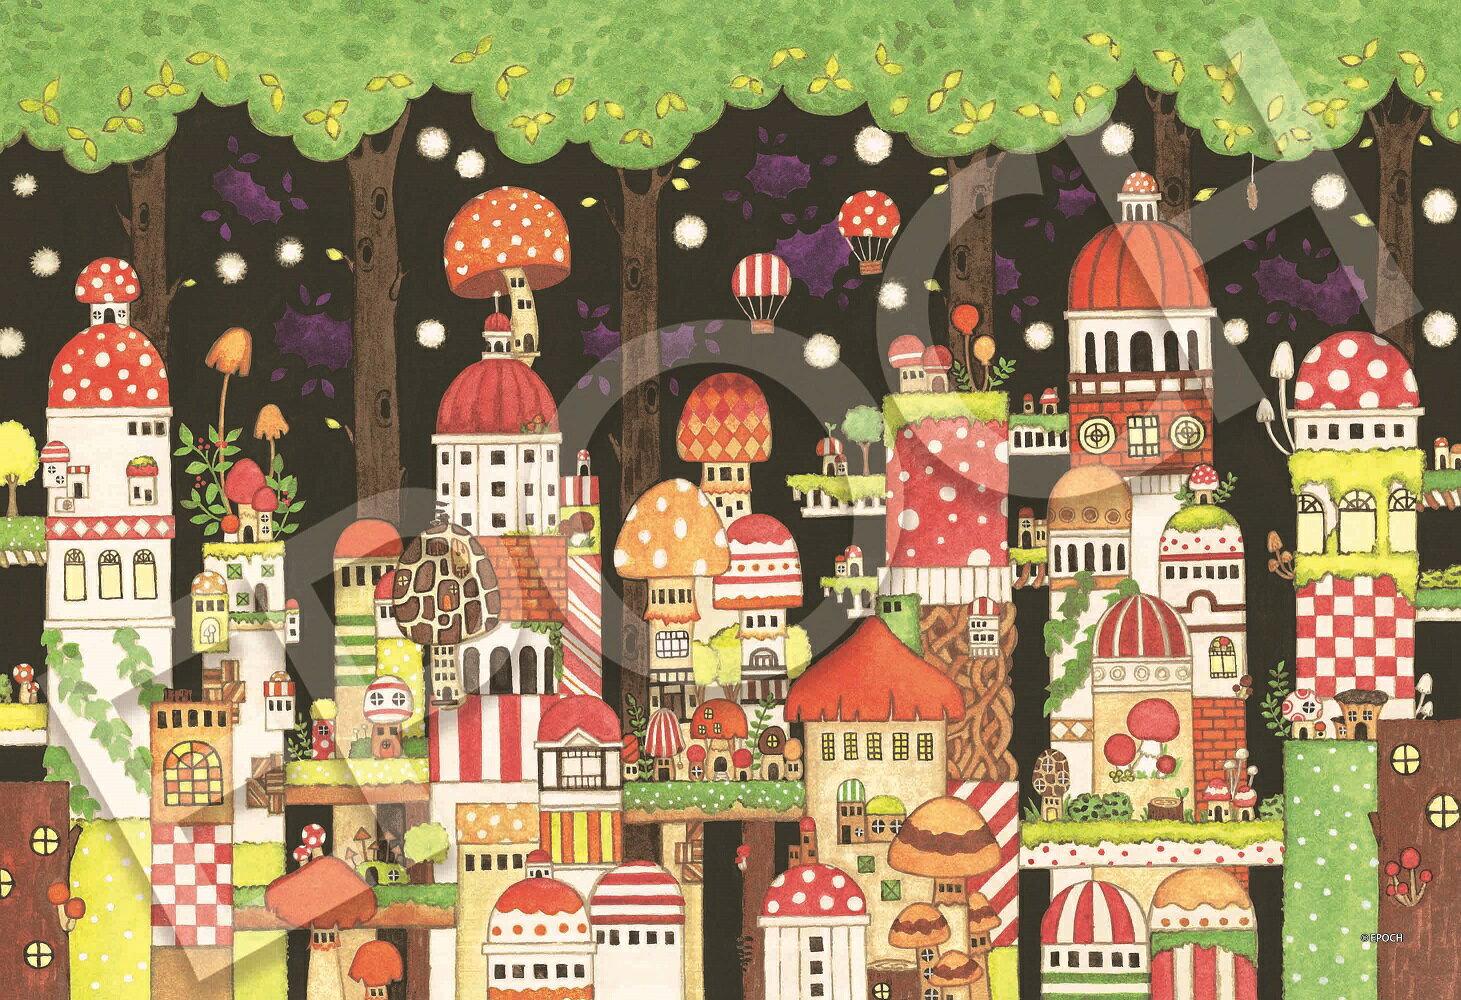 ジグソーパズル 暗闇森のキノコ旧市街 300ピース (26x38cm)